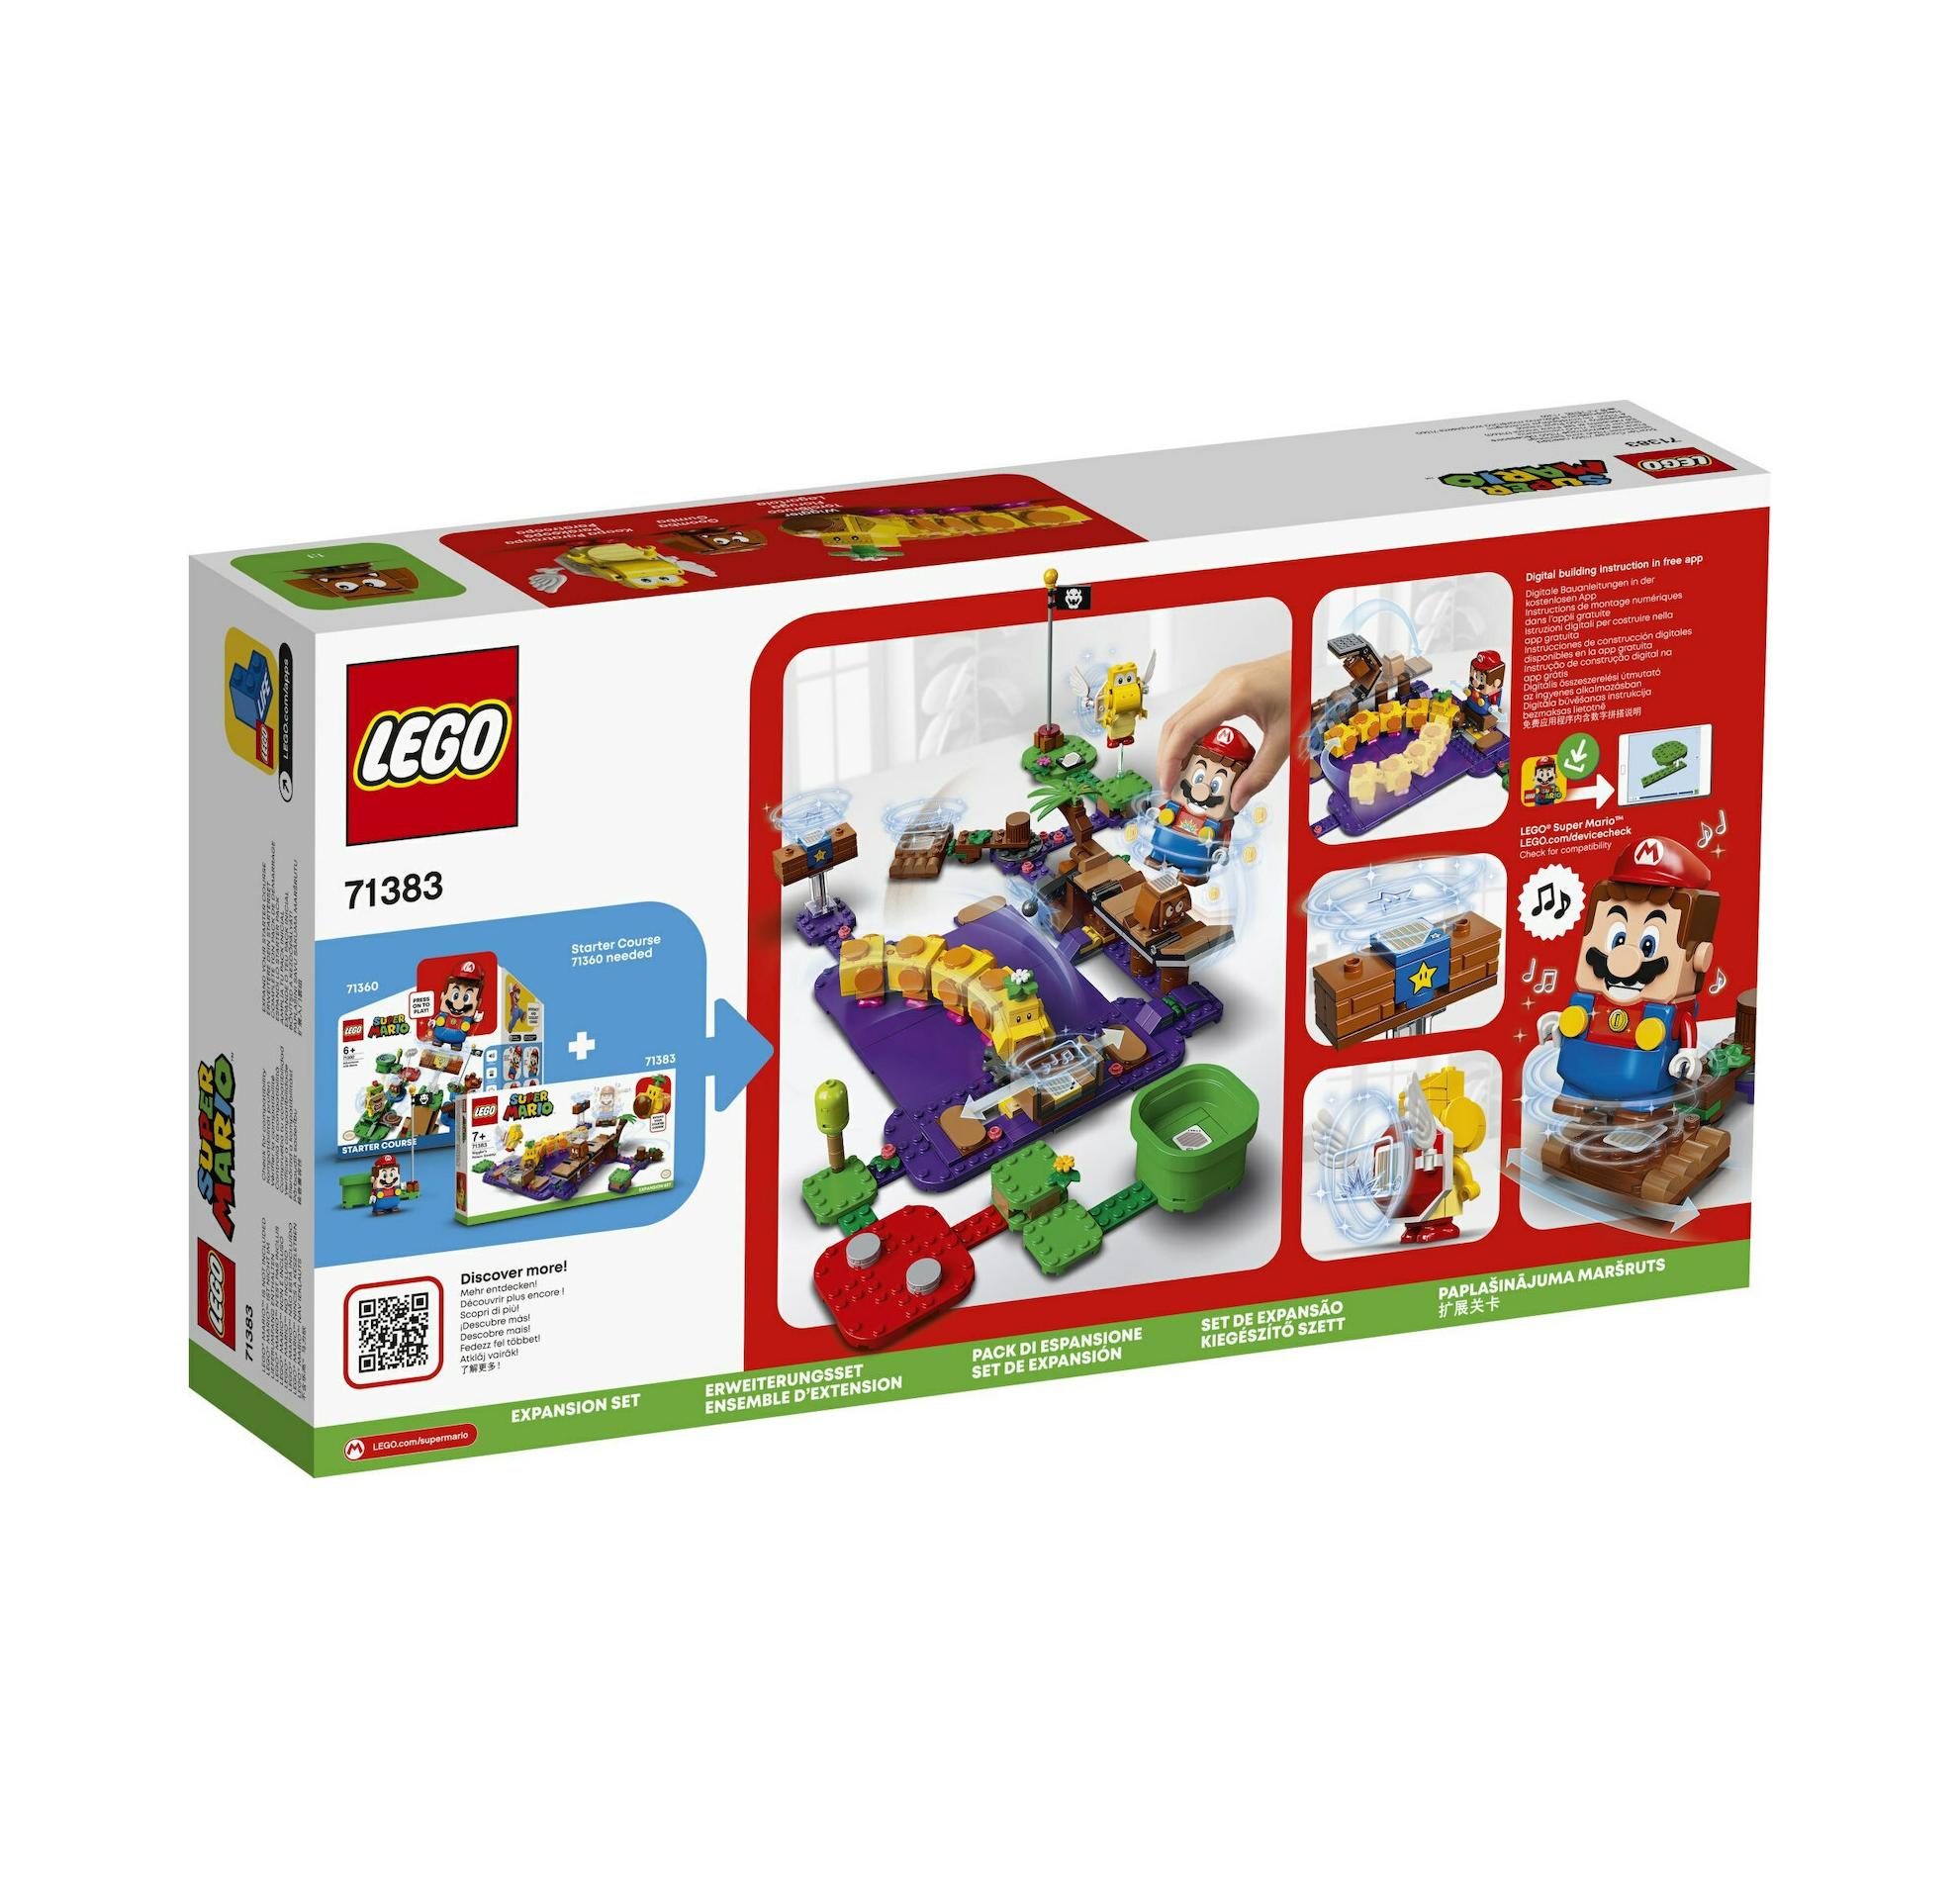 Lego Super Mario: Wiggler's Poison Swamp Expansion Set 71383